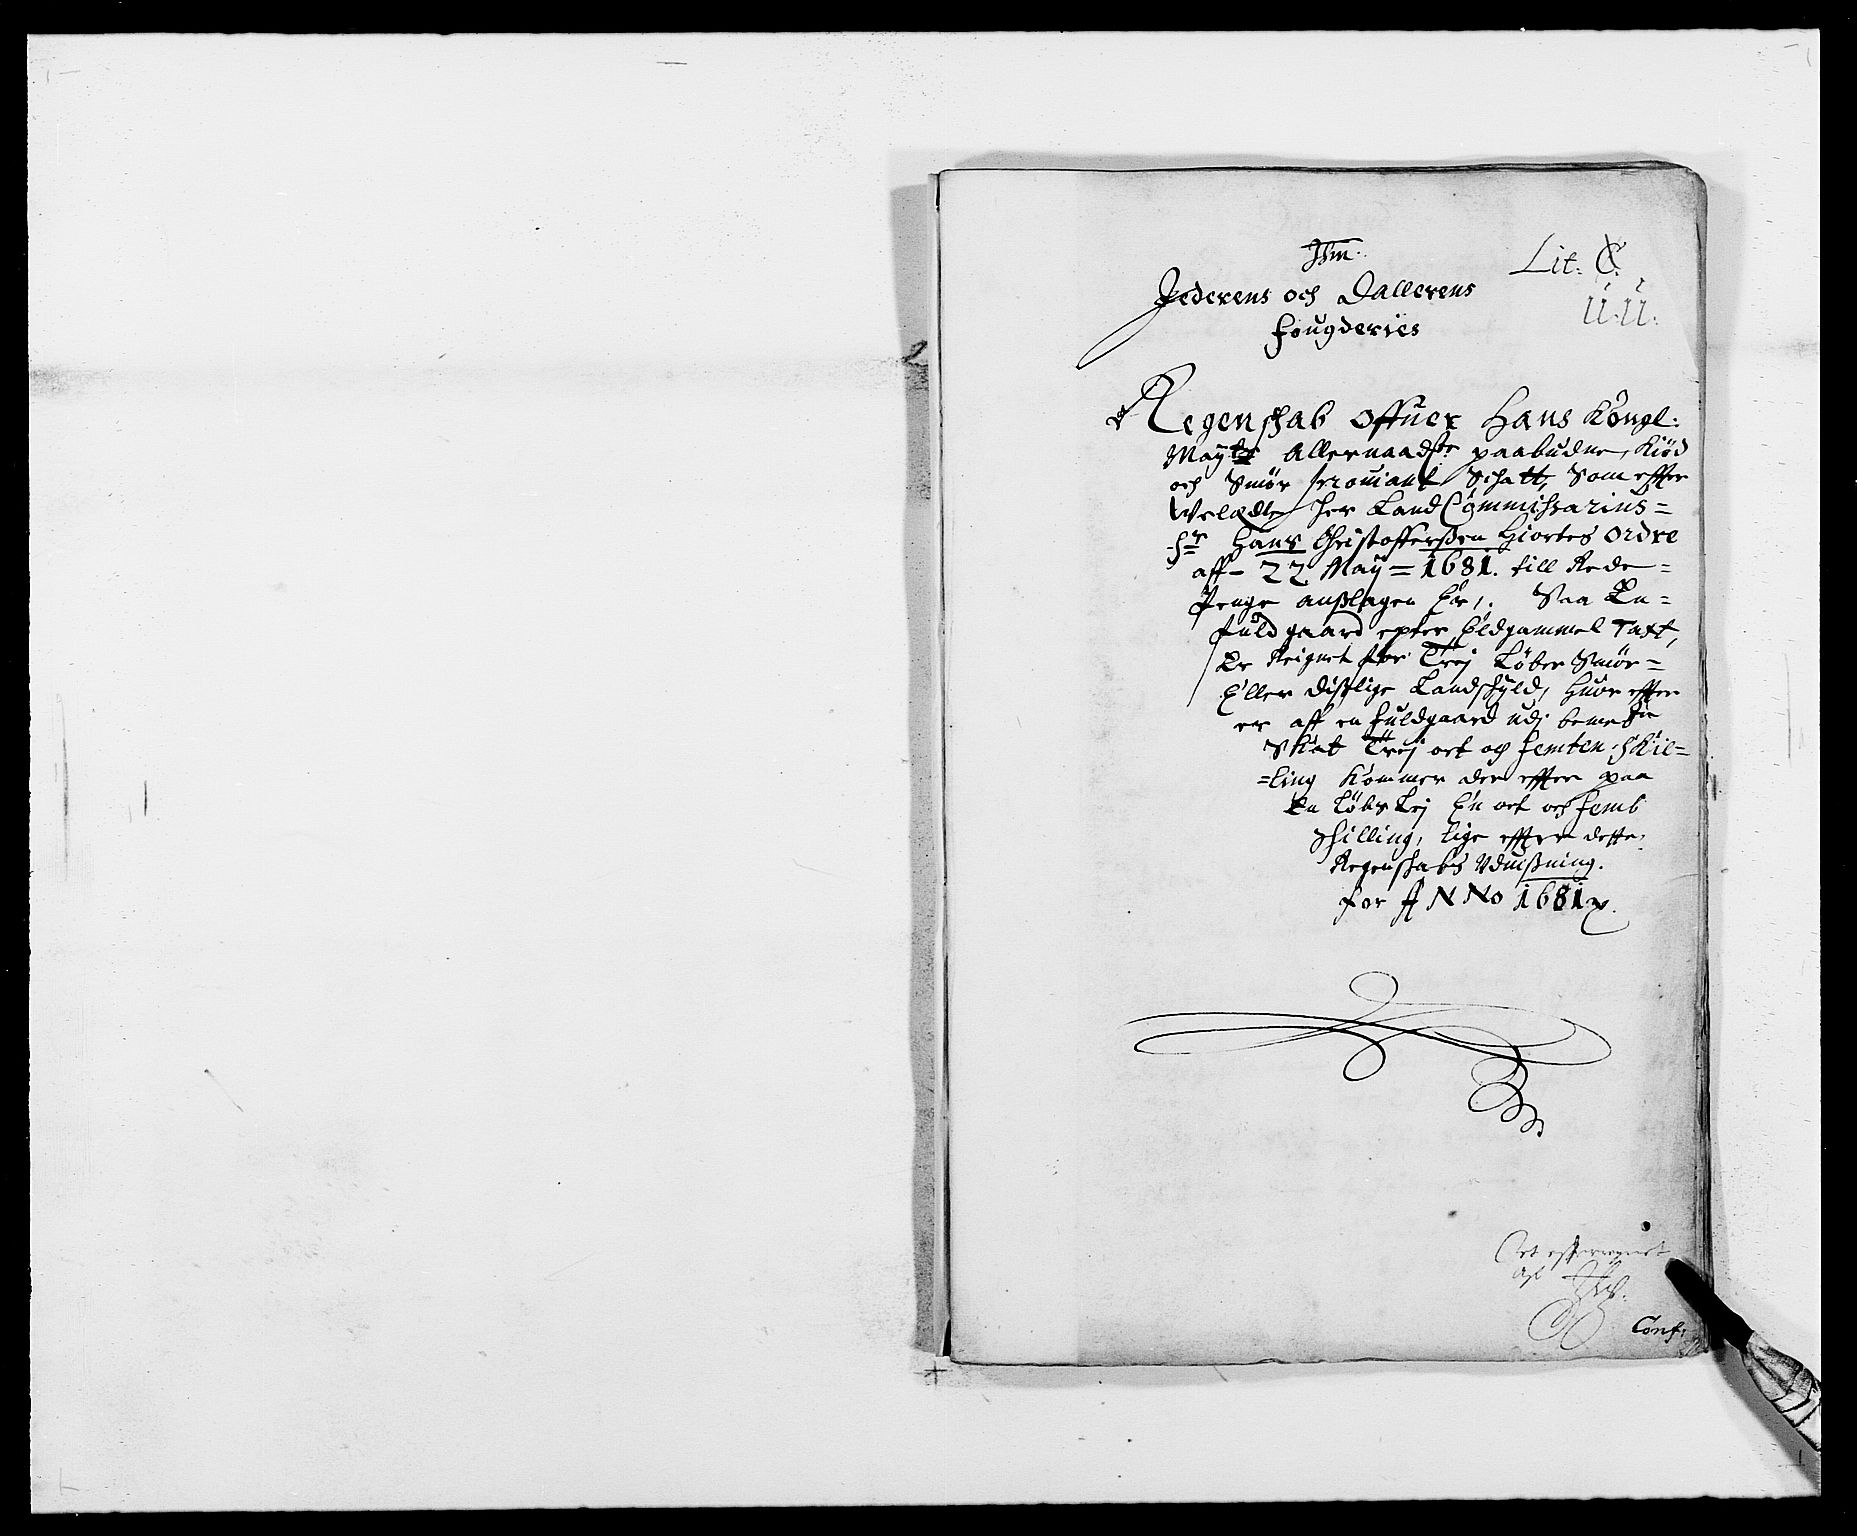 RA, Rentekammeret inntil 1814, Reviderte regnskaper, Fogderegnskap, R46/L2722: Fogderegnskap Jæren og Dalane, 1681, s. 77